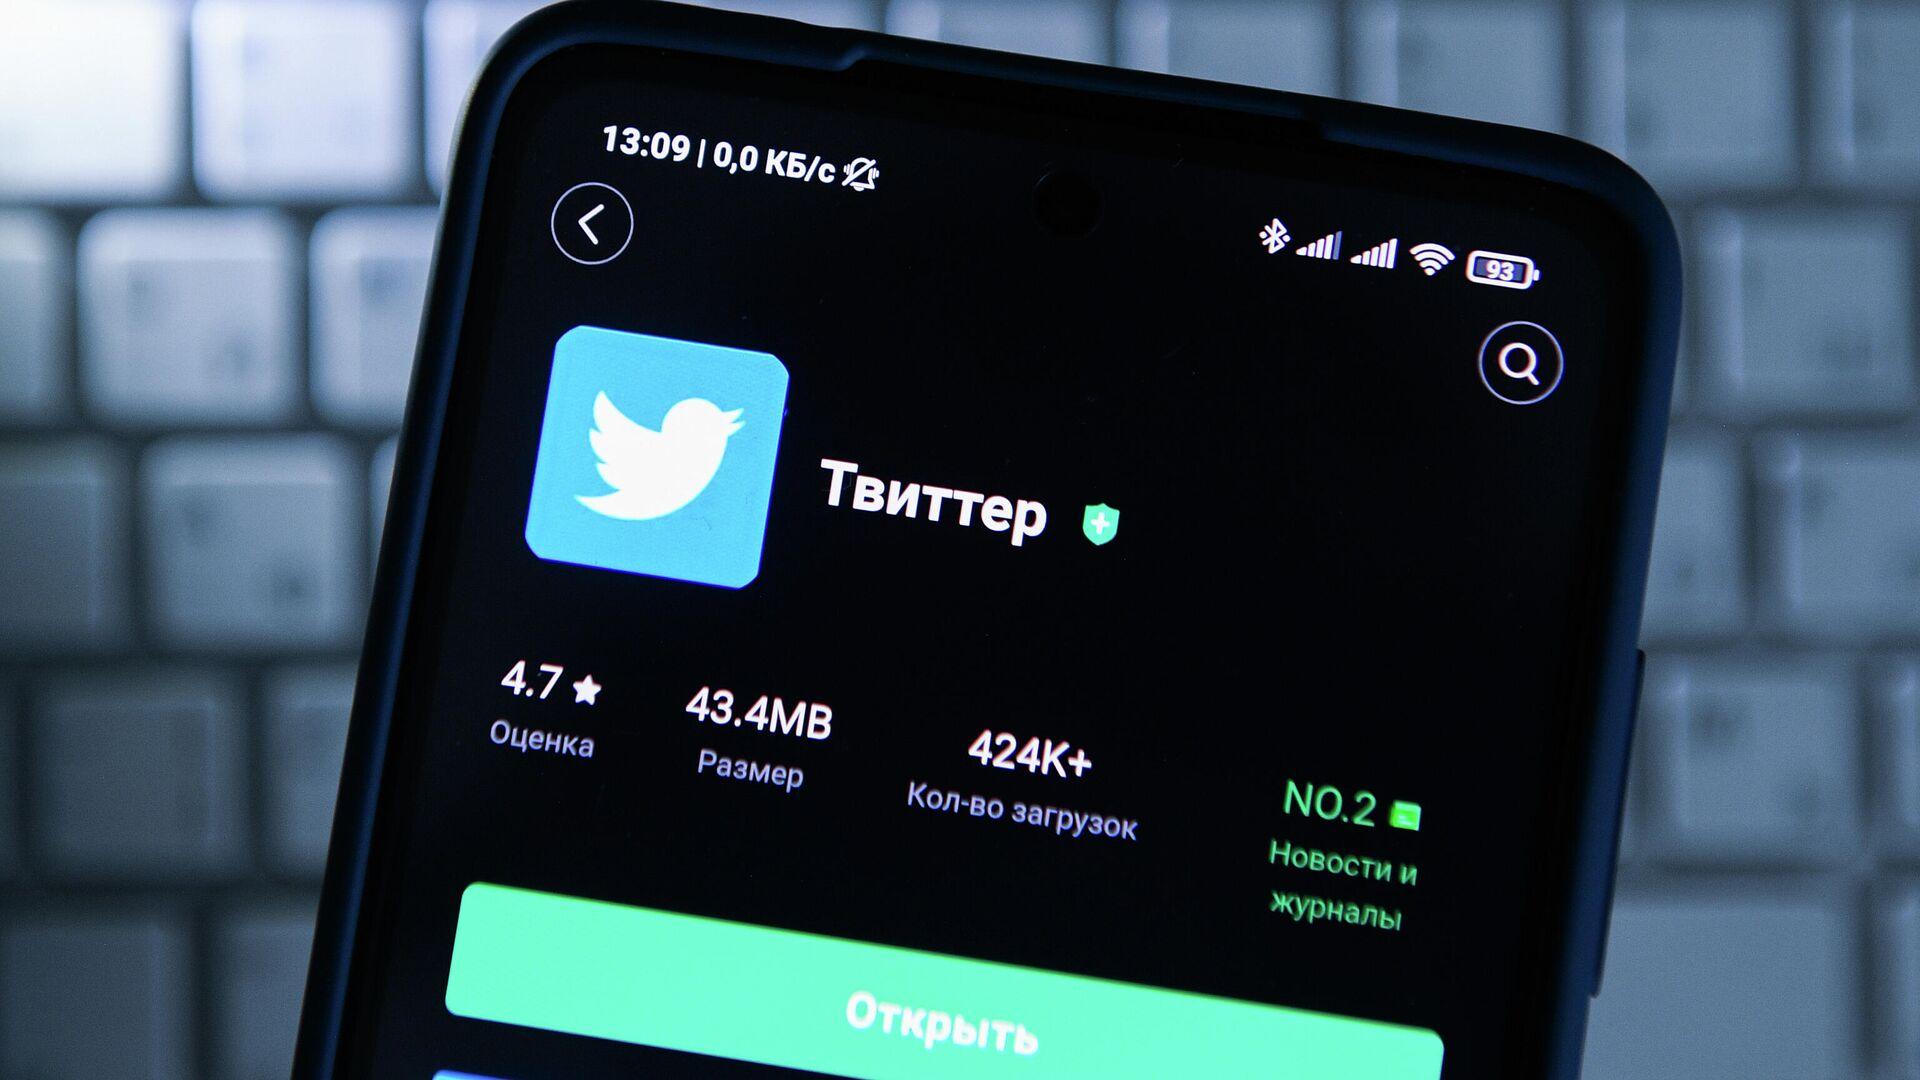 Логотип социальной сети Twitter на экране мобильного телефона - РИА Новости, 1920, 11.03.2021